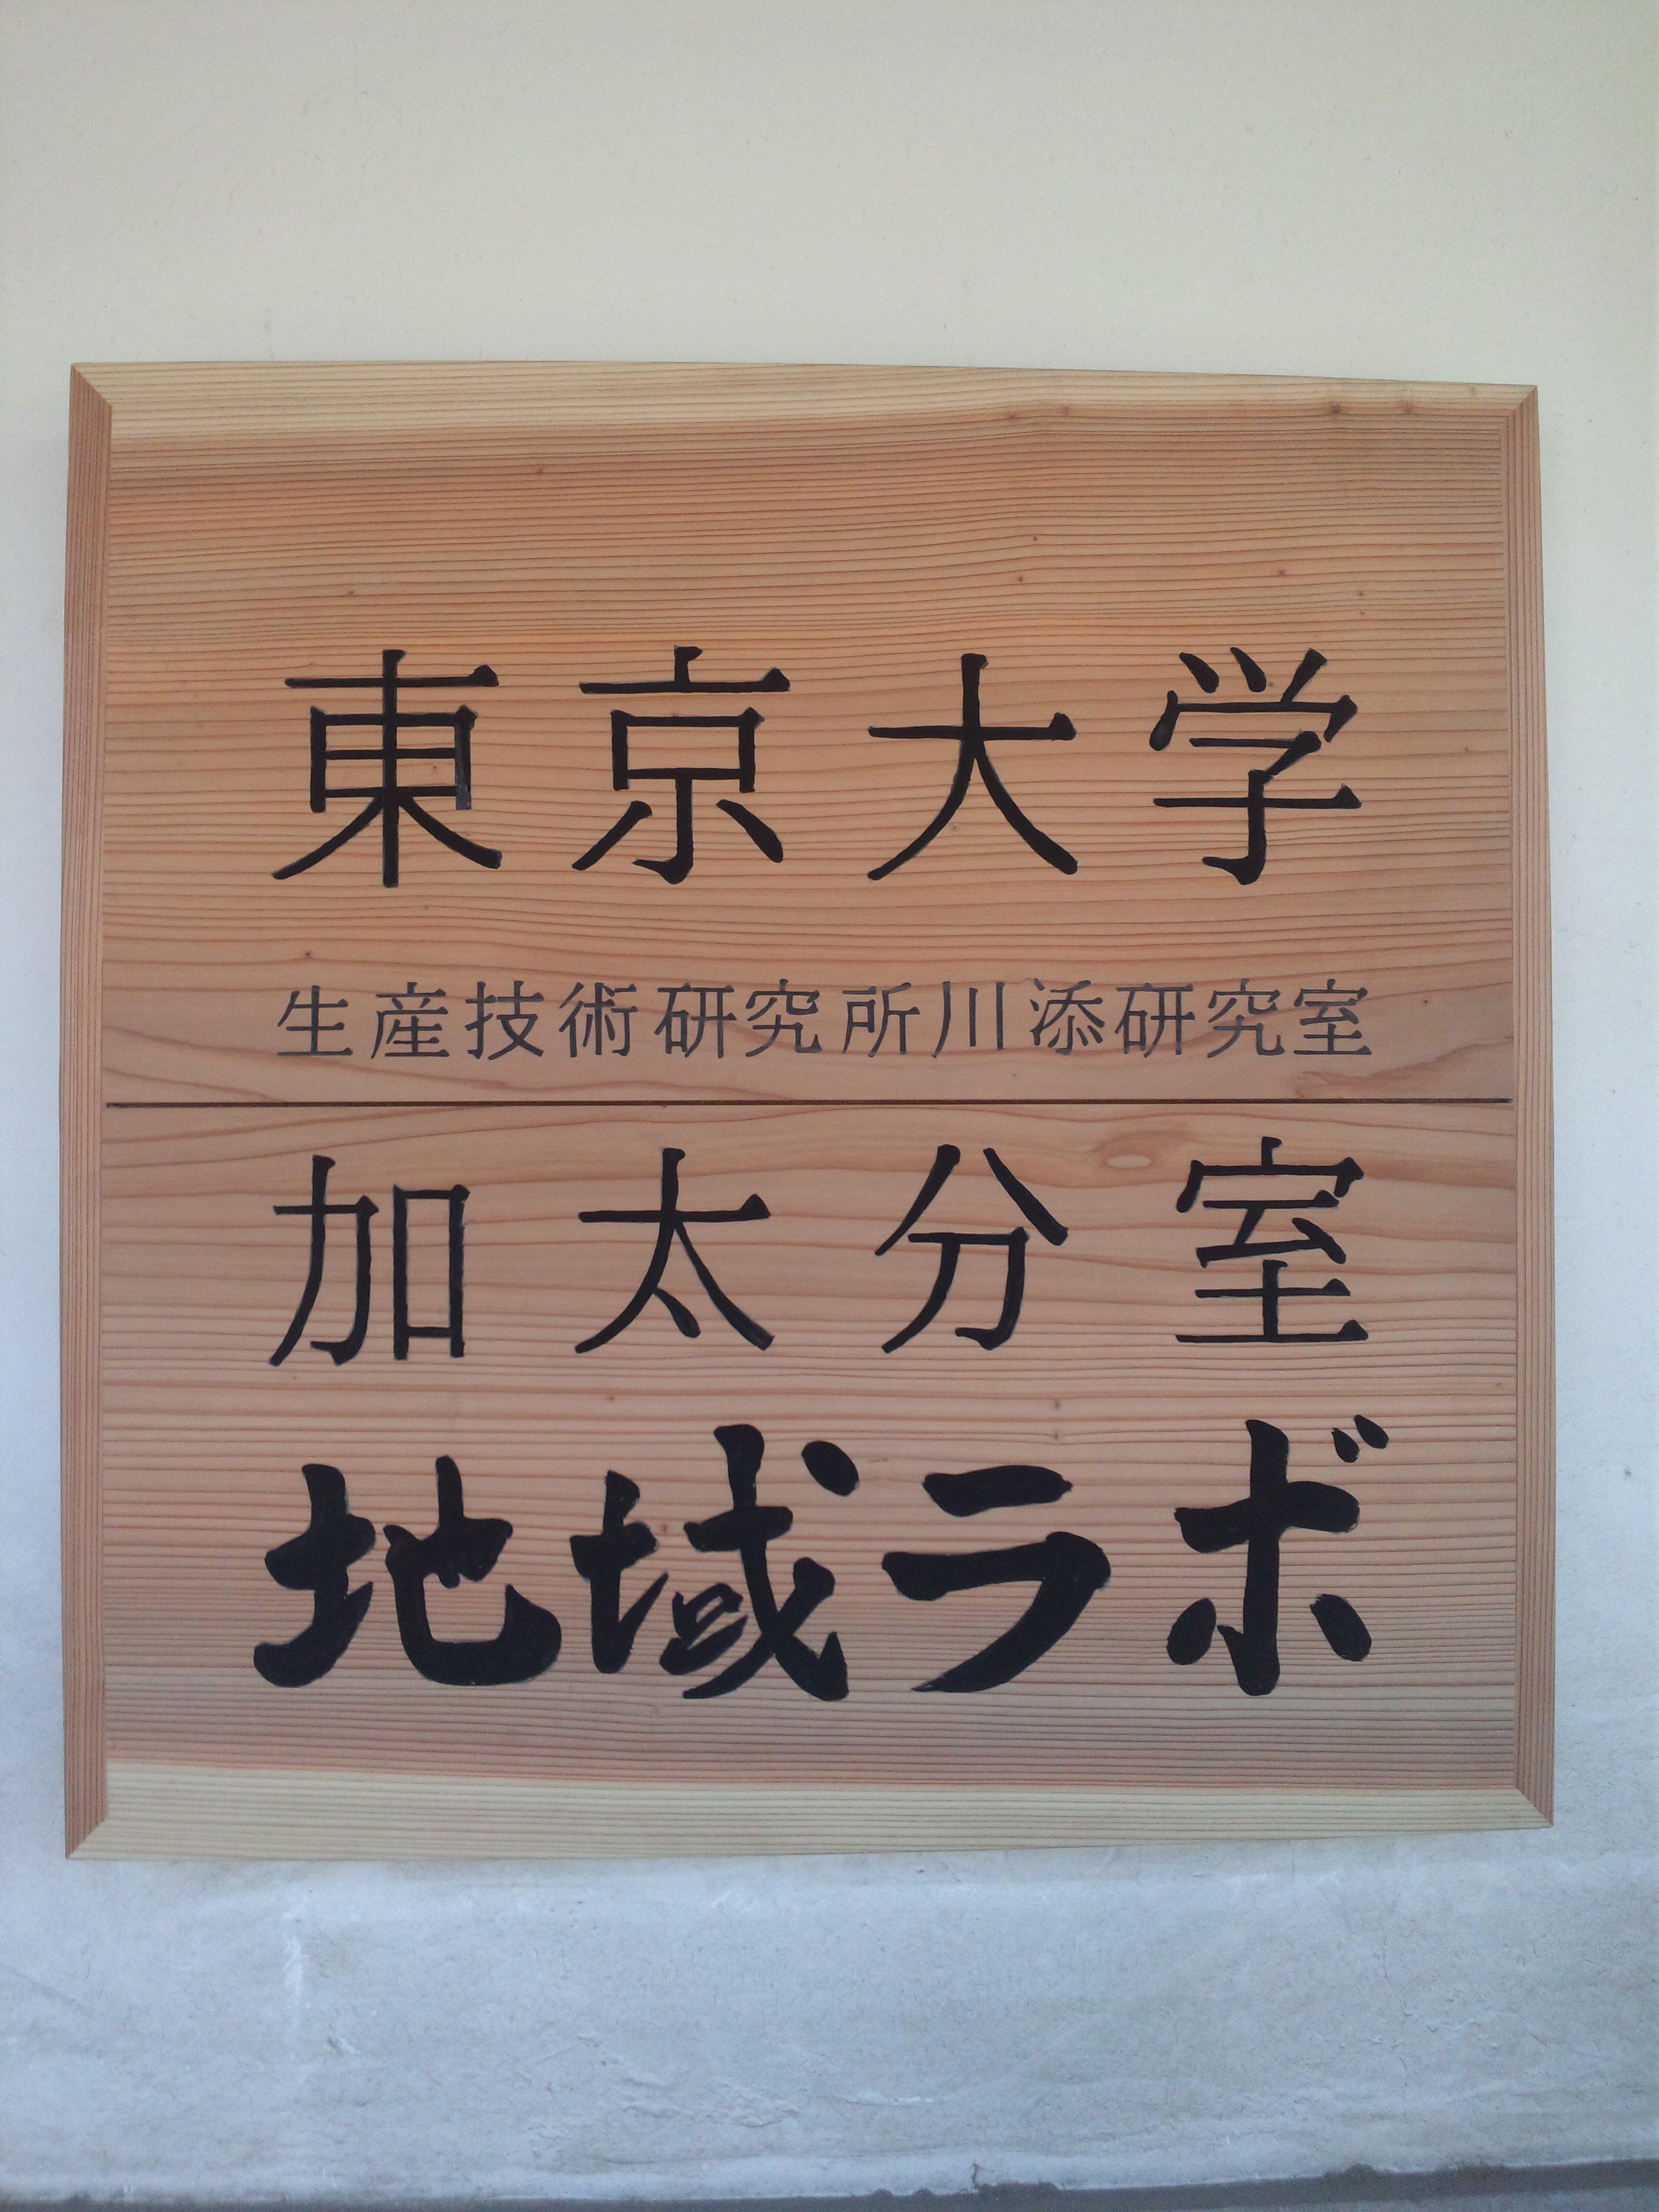 加太に、東京大学がキター! 東京大学生産技術研究所川添研究室加太分室地域ラボ・オープン!